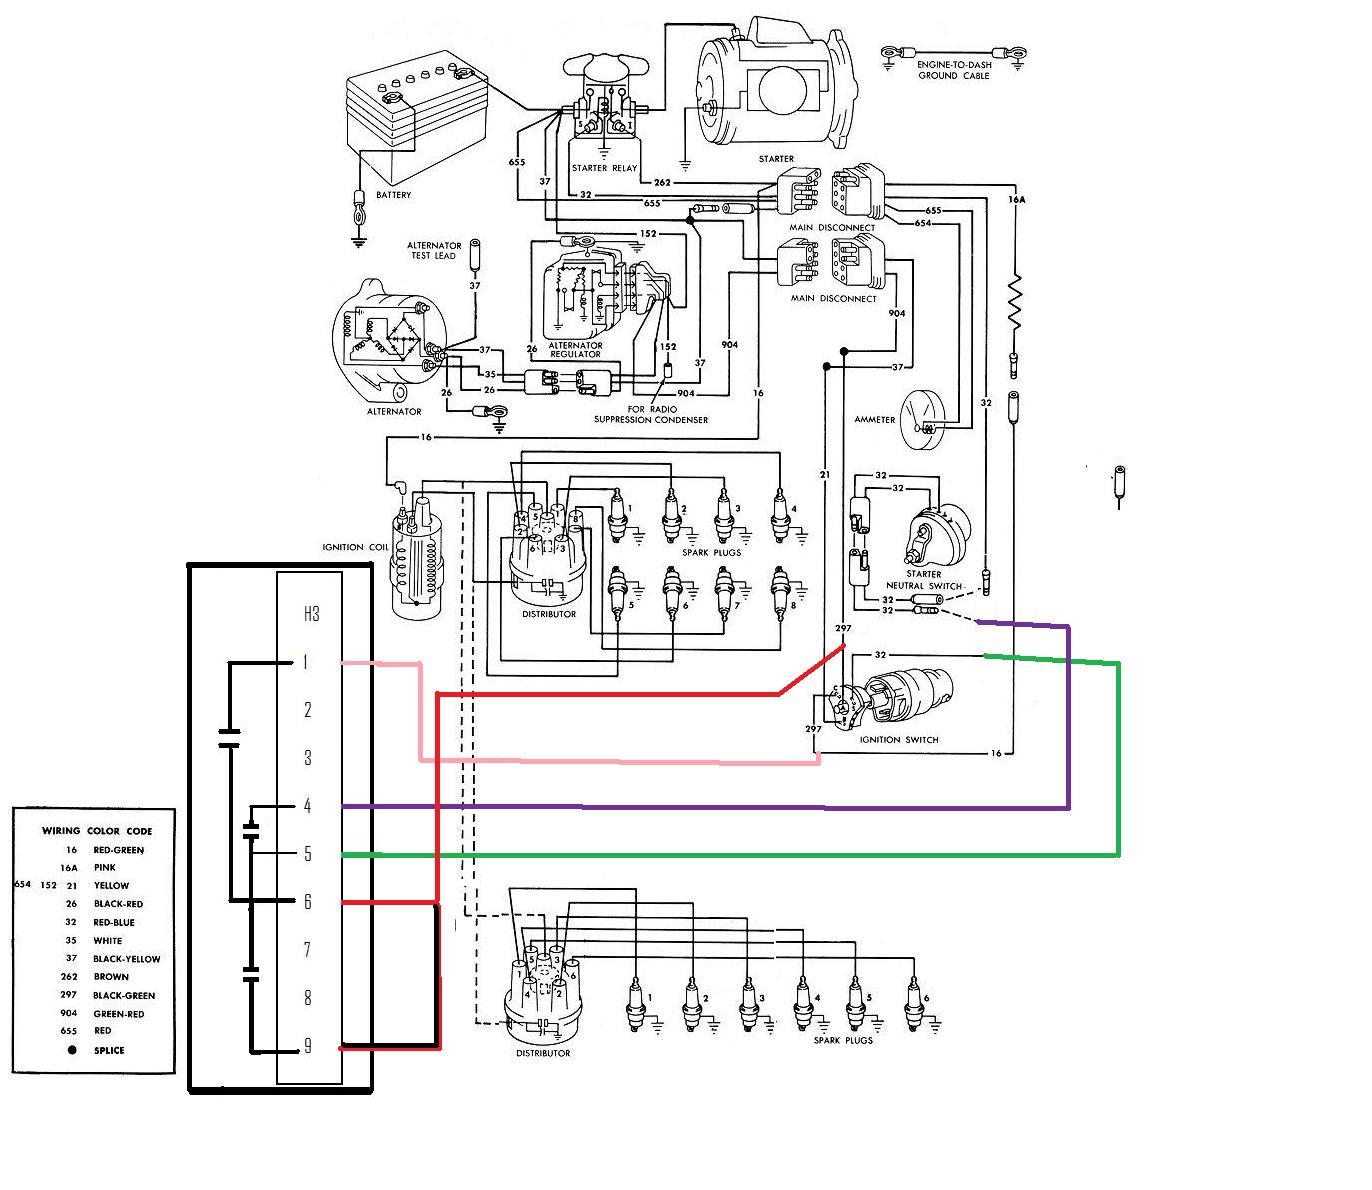 viper smartstart module wiring schematic viper printable smart start wiring diagram 1950 chevy engines diagrams on viper smartstart module wiring